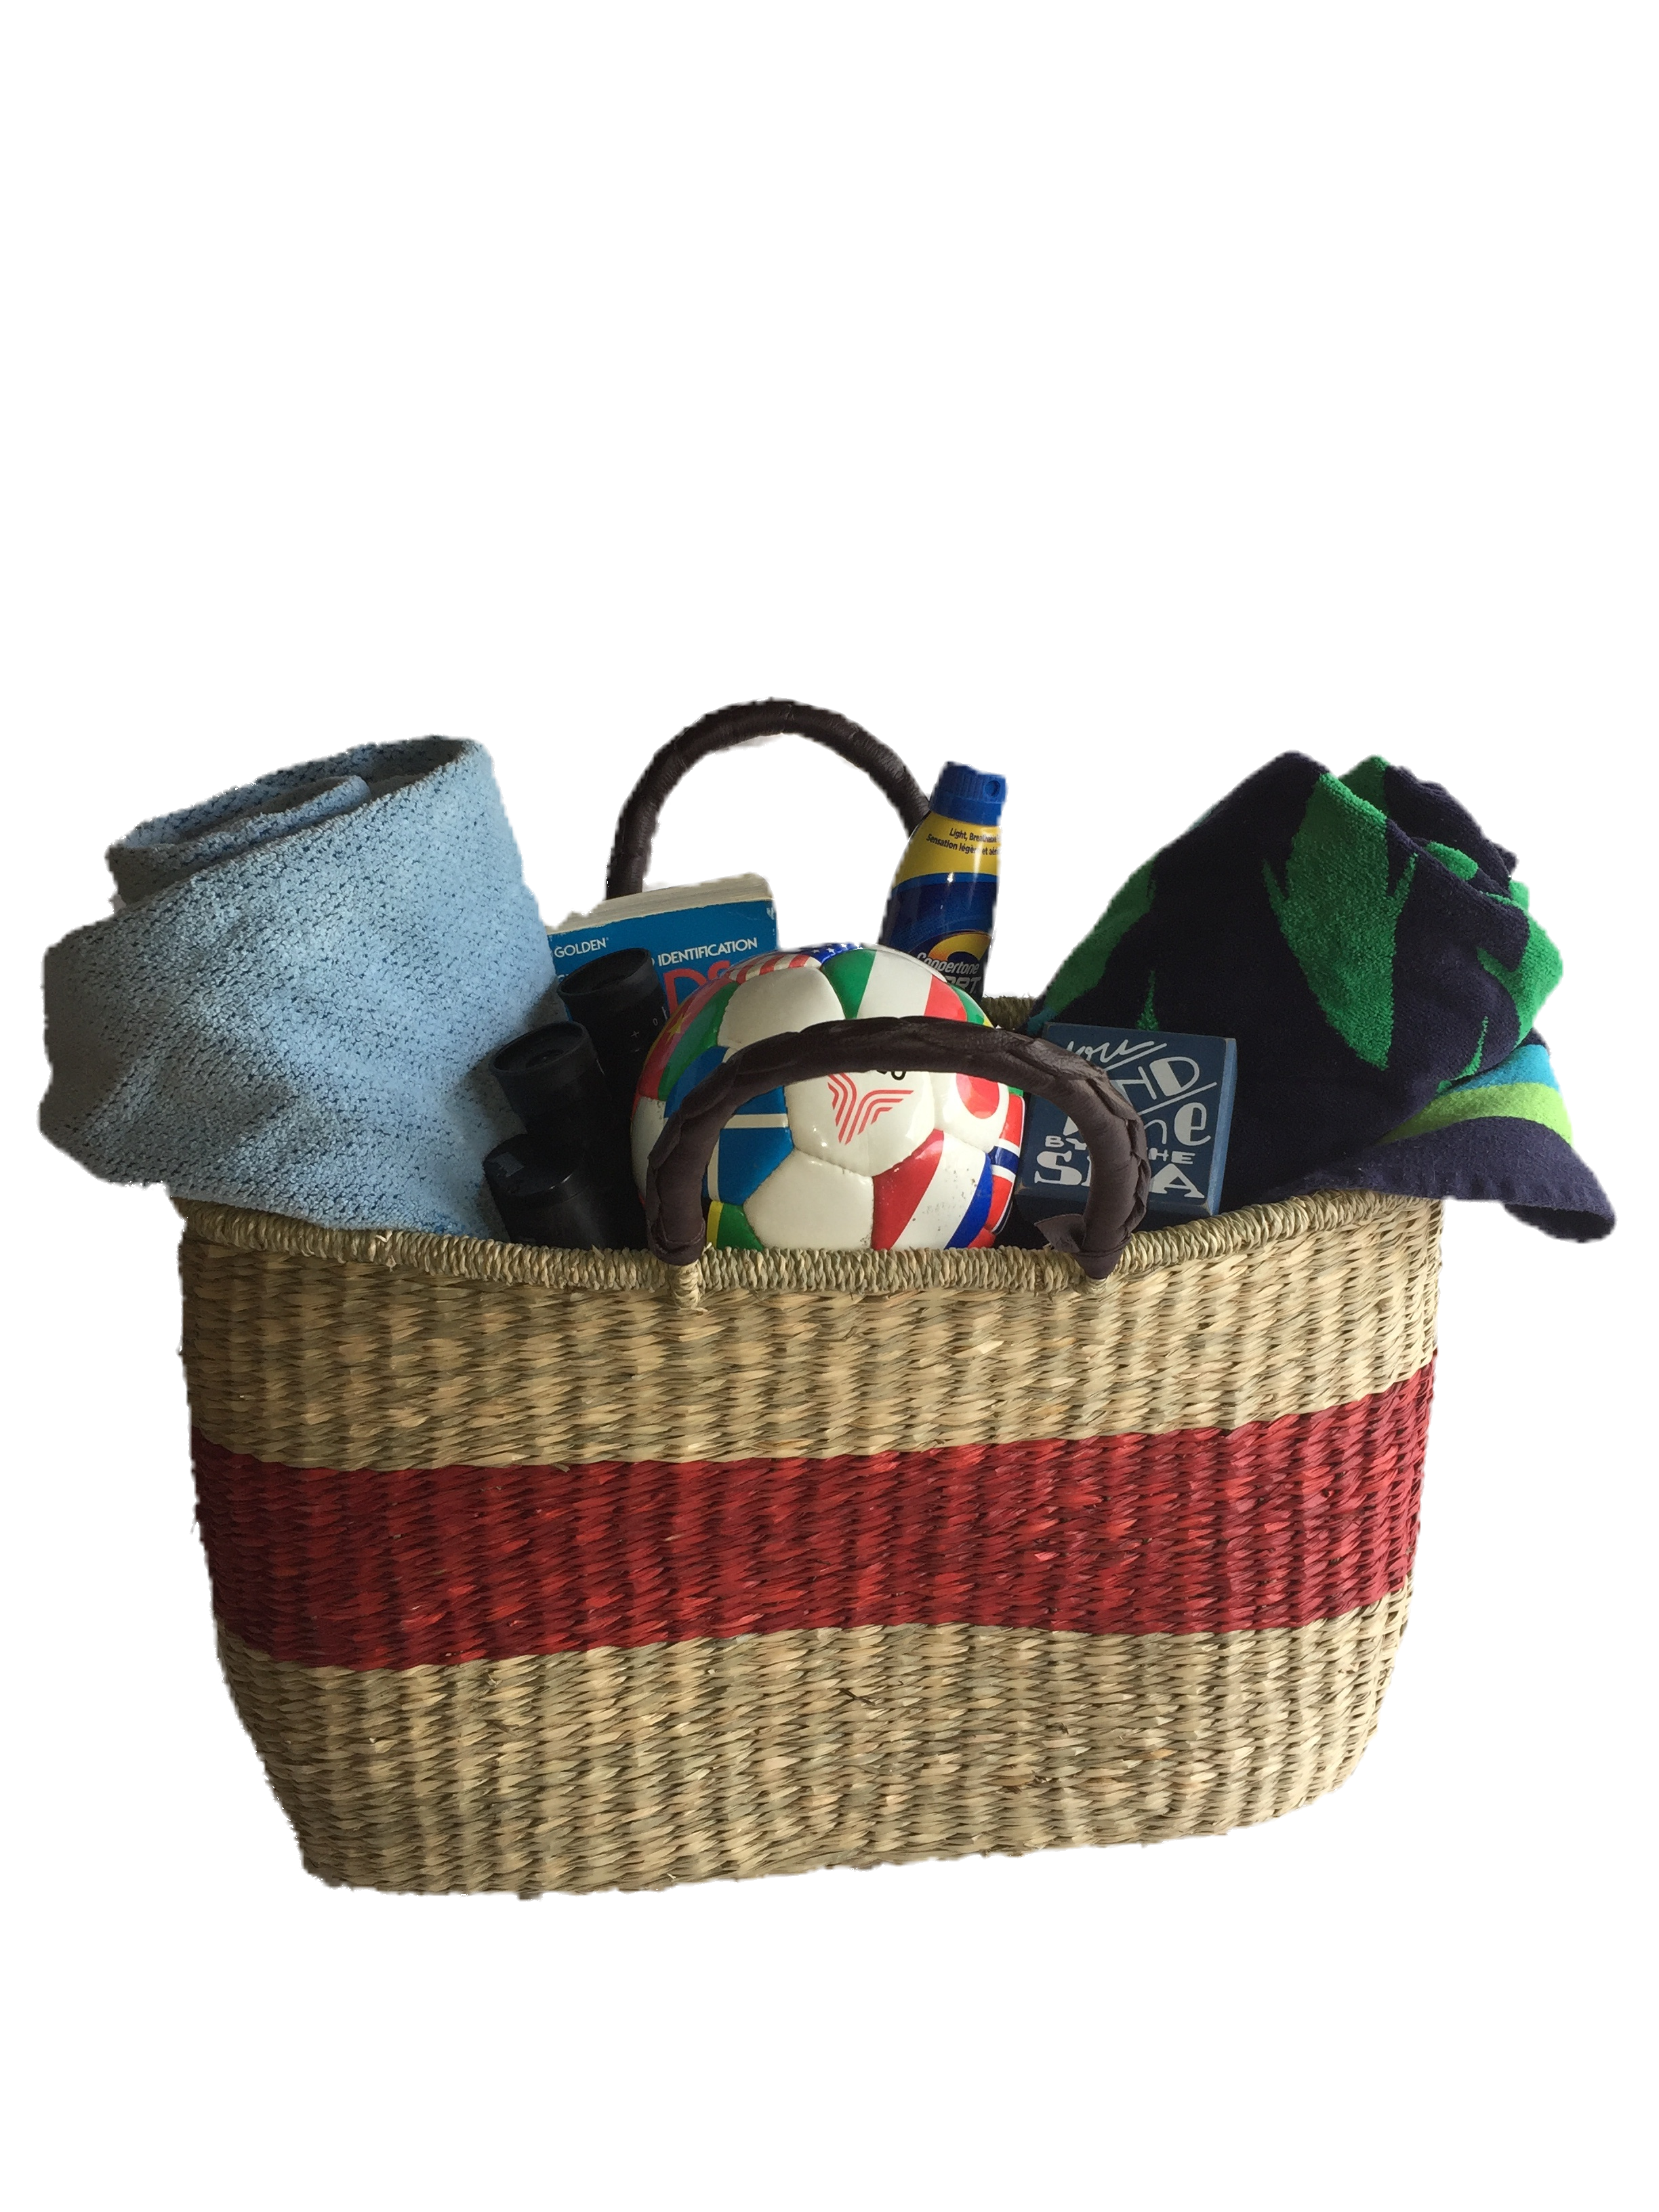 Seagrass Rectangular Bag - Set of 2 | Trada Marketplace